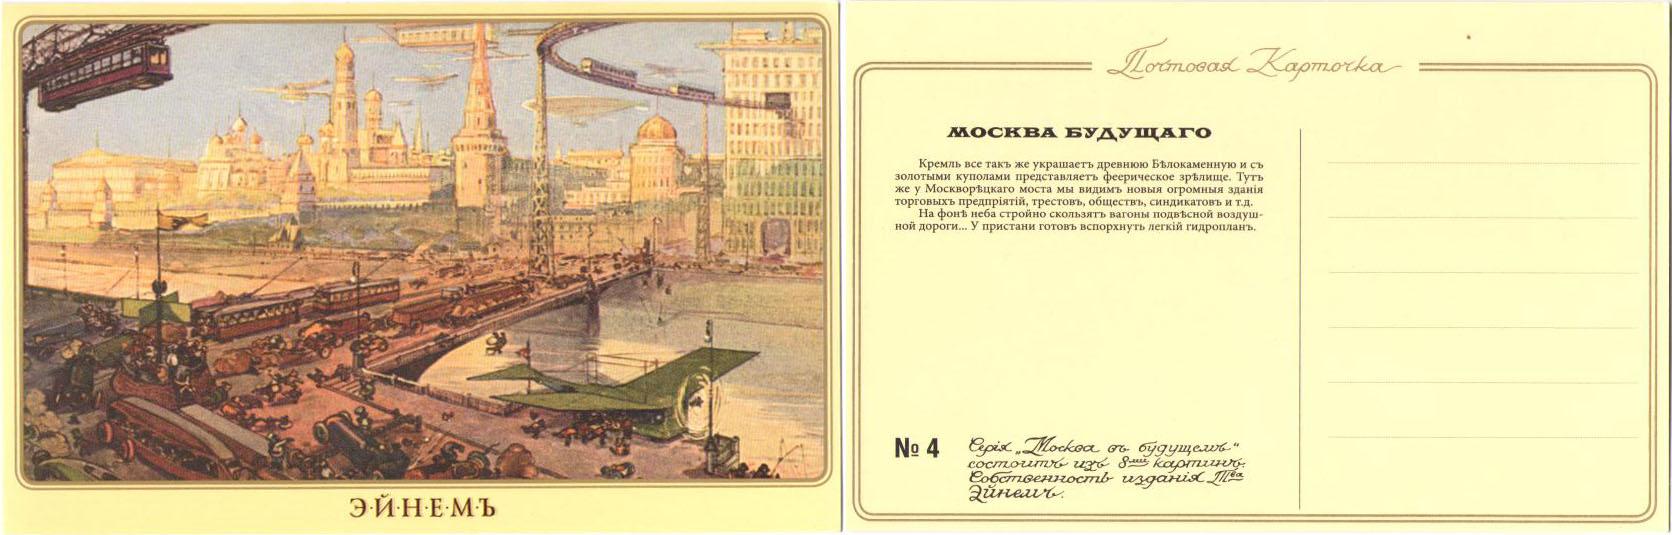 Москва будущего открытки